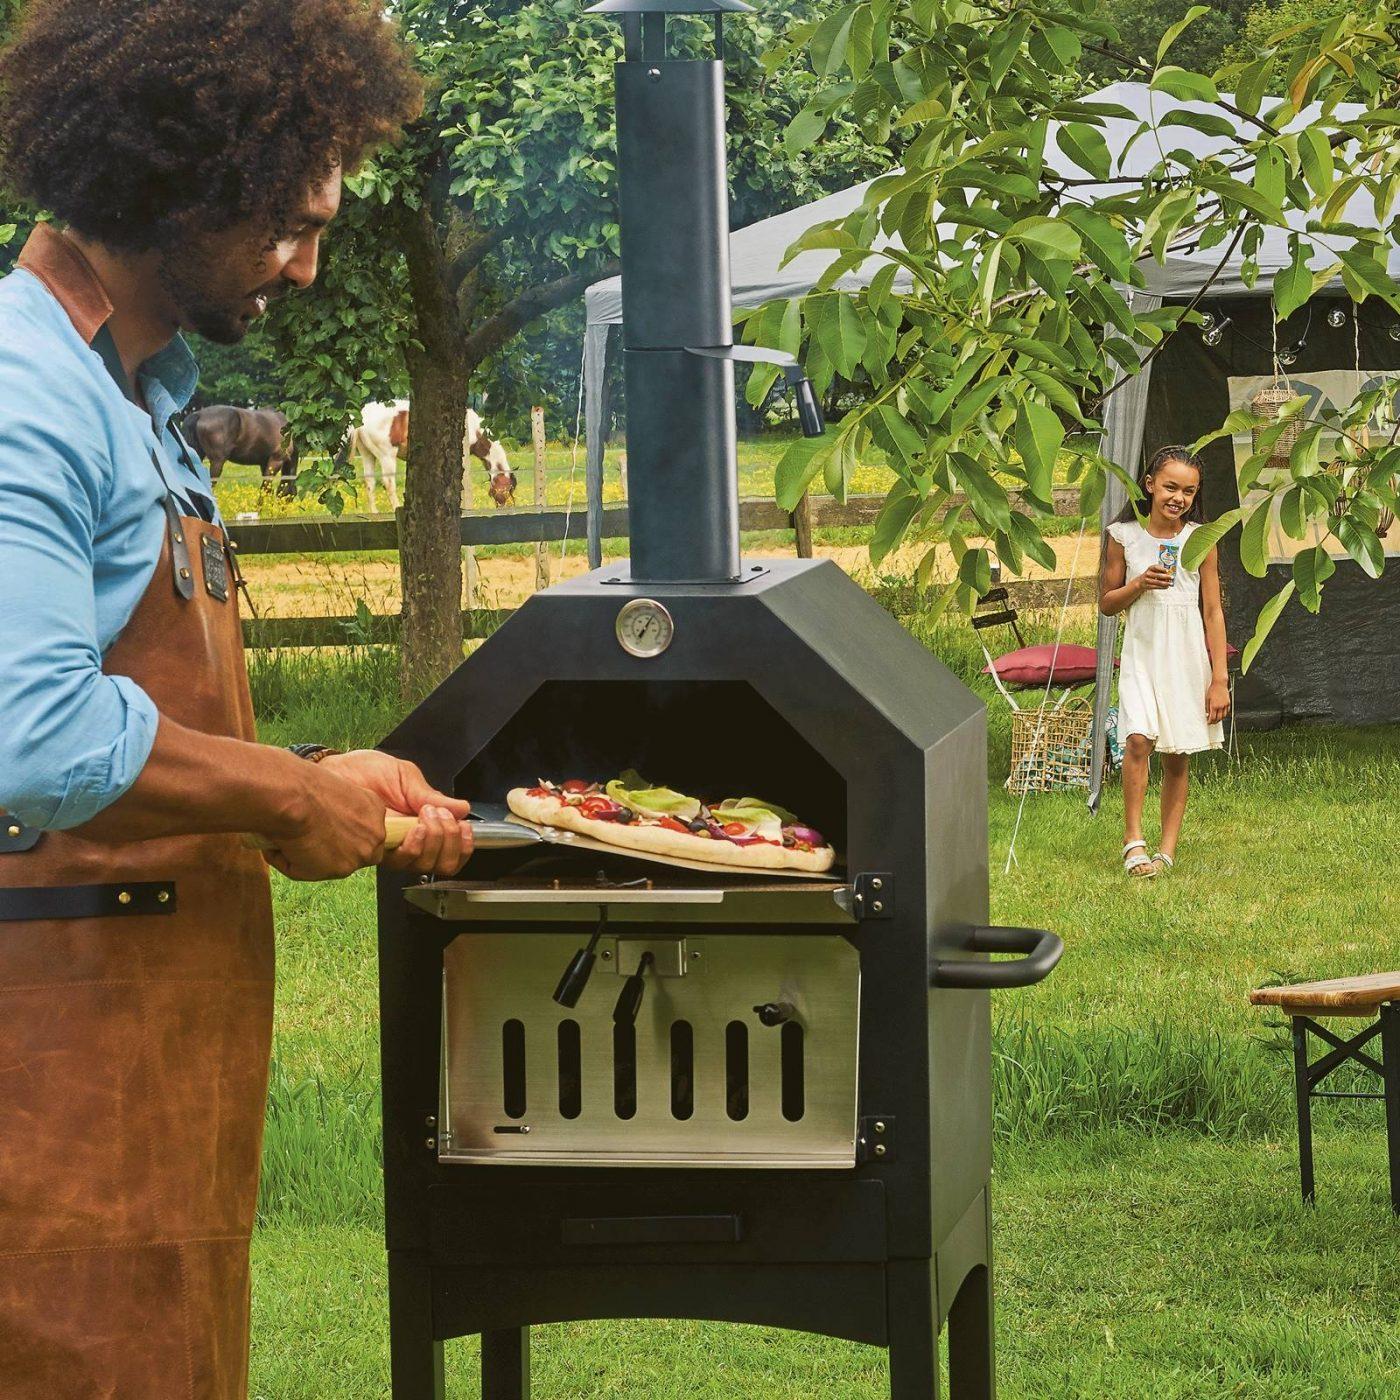 Aldi slaat terug met betaalbare pizza oven voor in de tuin 01